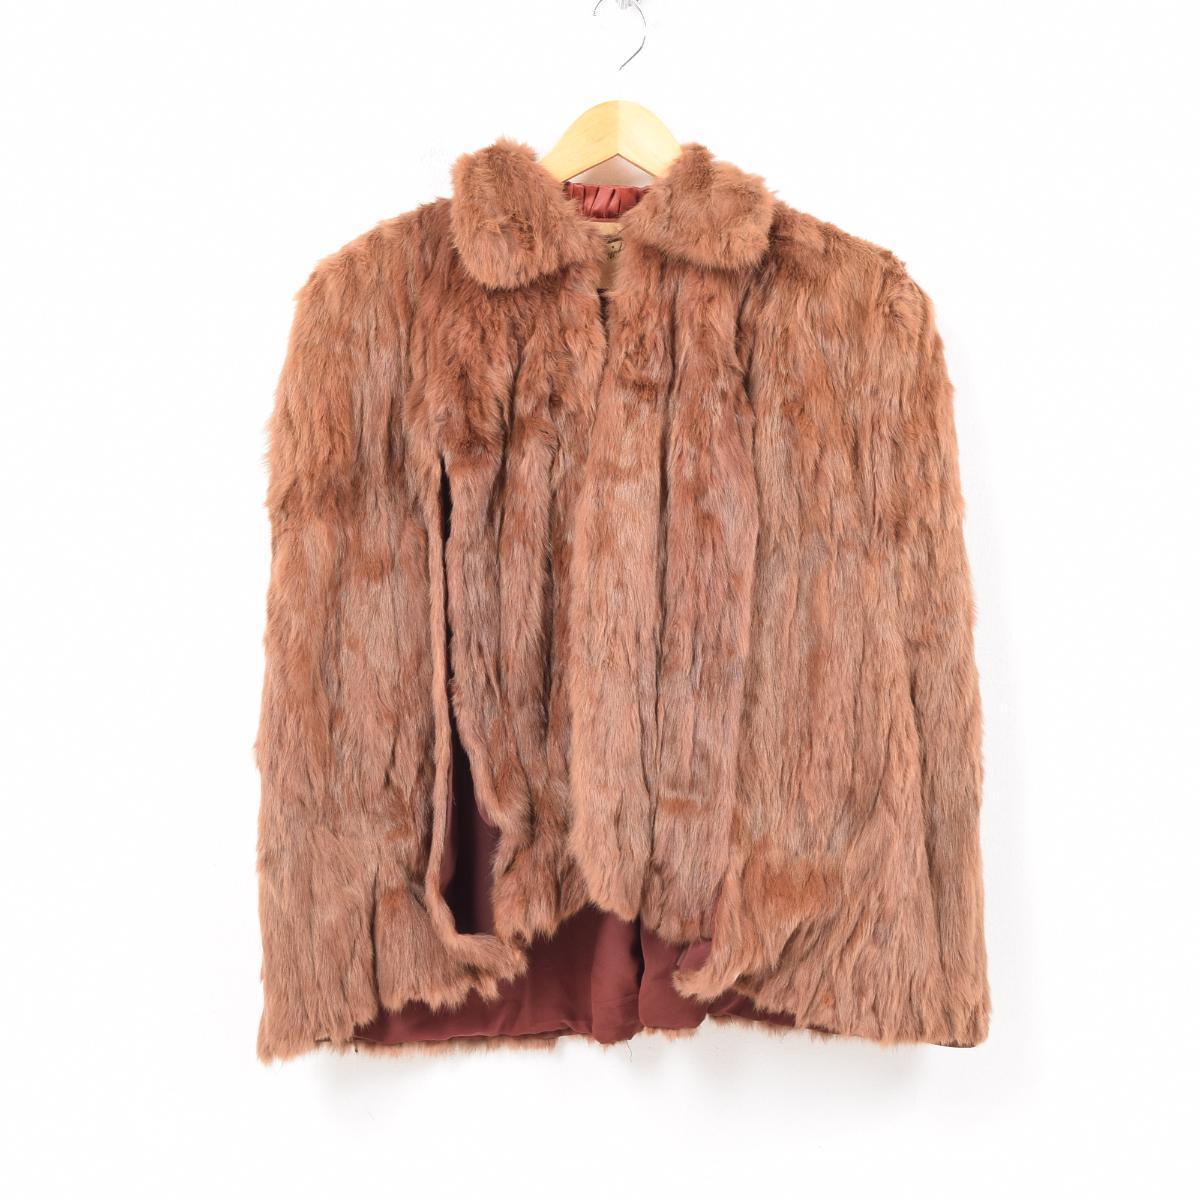 ~60年代 Fred Benicff Furs リアルファー 襟付き ケープ フリーサイズ ヴィンテージ /wba1219 【中古】 【190110】